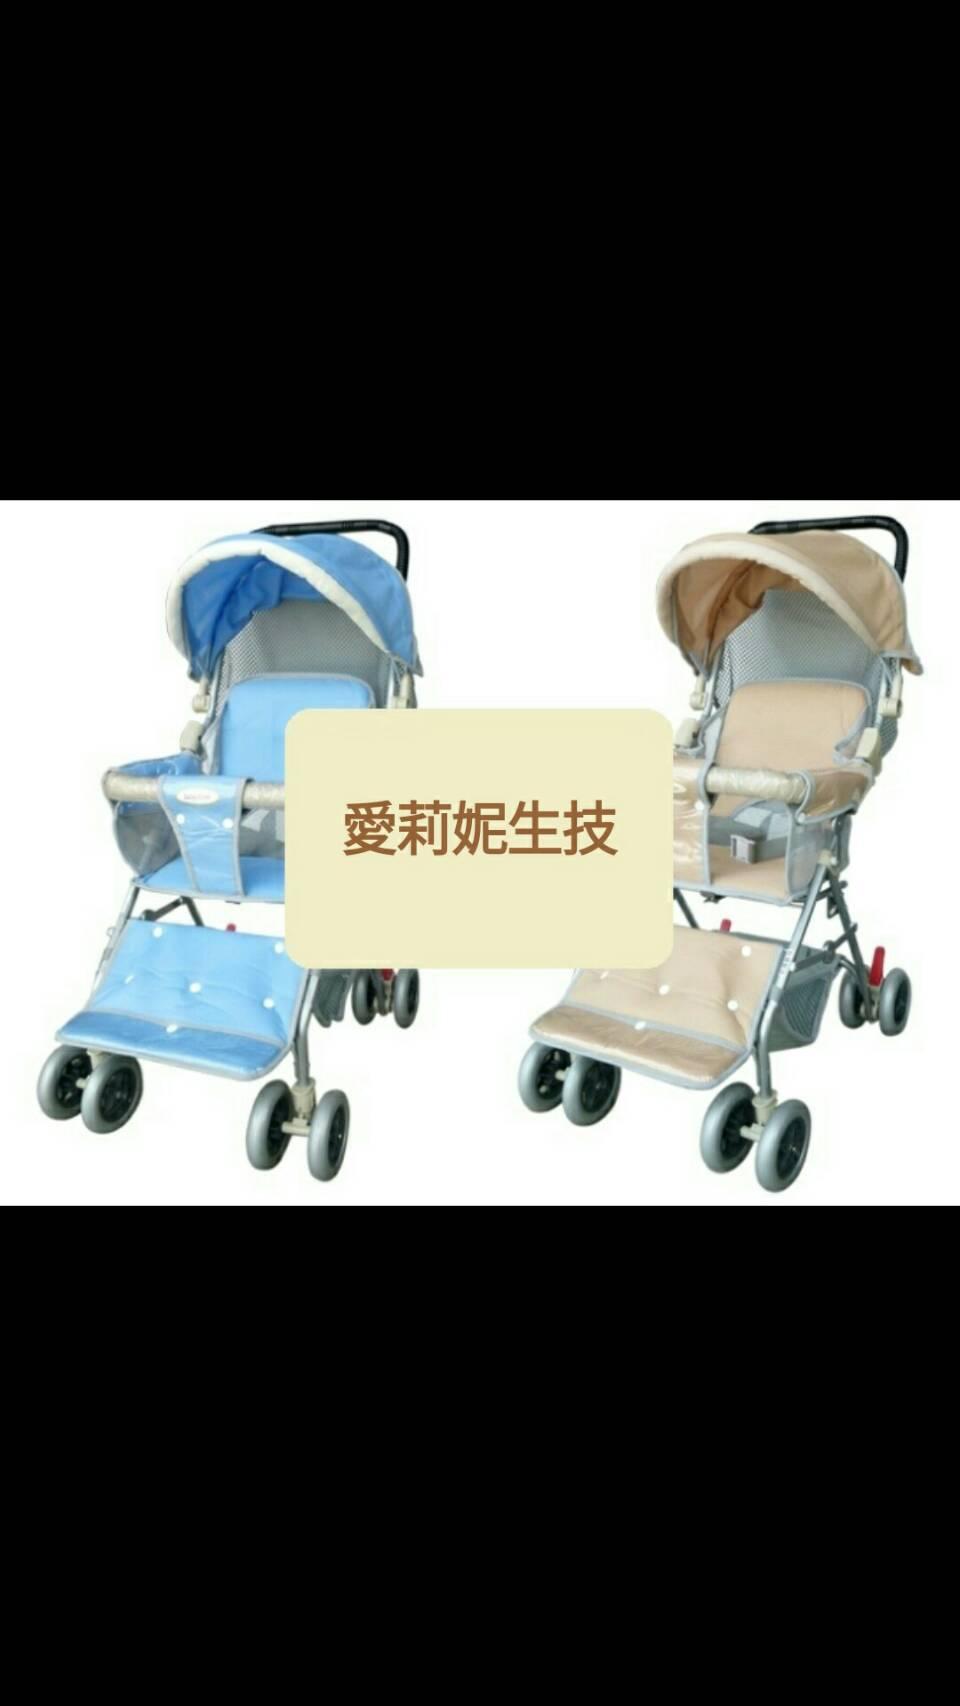 【Babybabe】 超大兩用輕便車 B502   (卡其/藍)